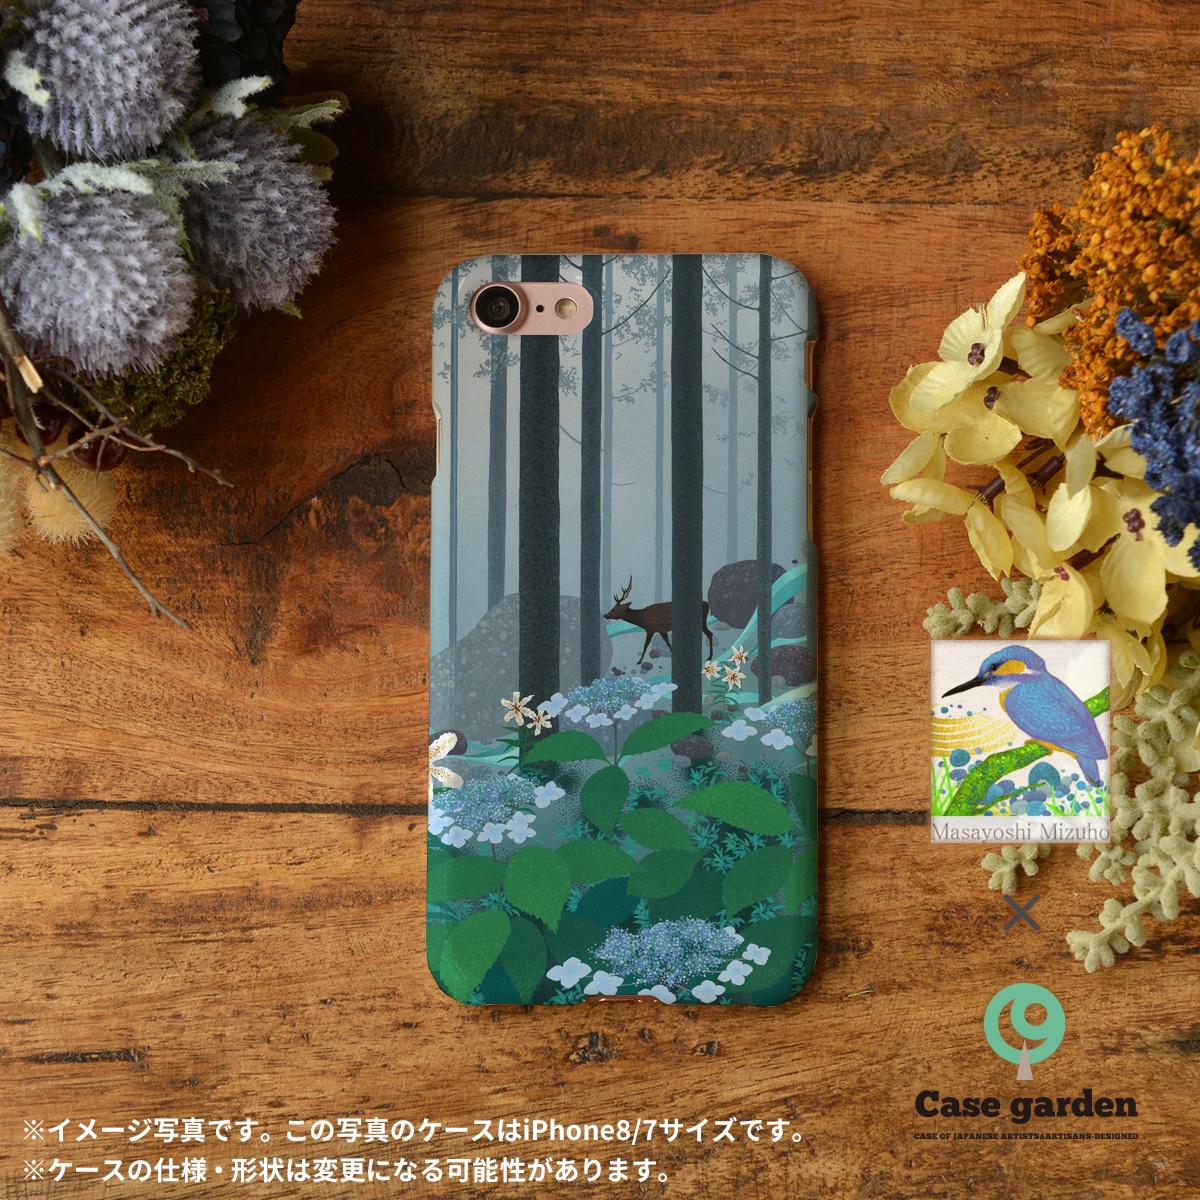 iphone8 ハードケース おしゃれ iphone8 ハードケース シンプル iphone7 ケース 紫陽花 アジサイ あじさい 半夏雨/Masayoshi Mizuho×ケースガーデン